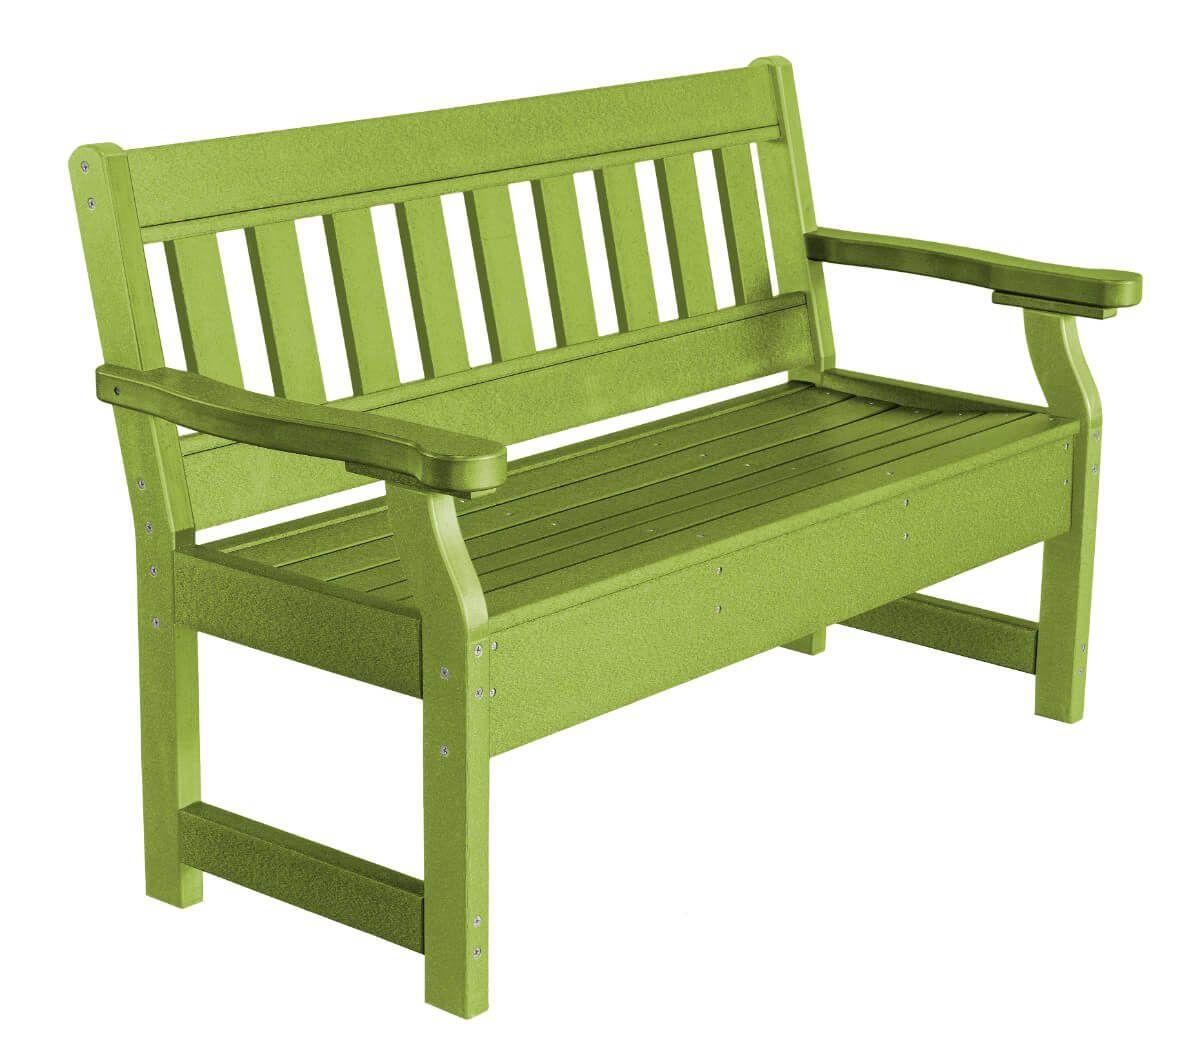 Lime Green Aden Garden Bench